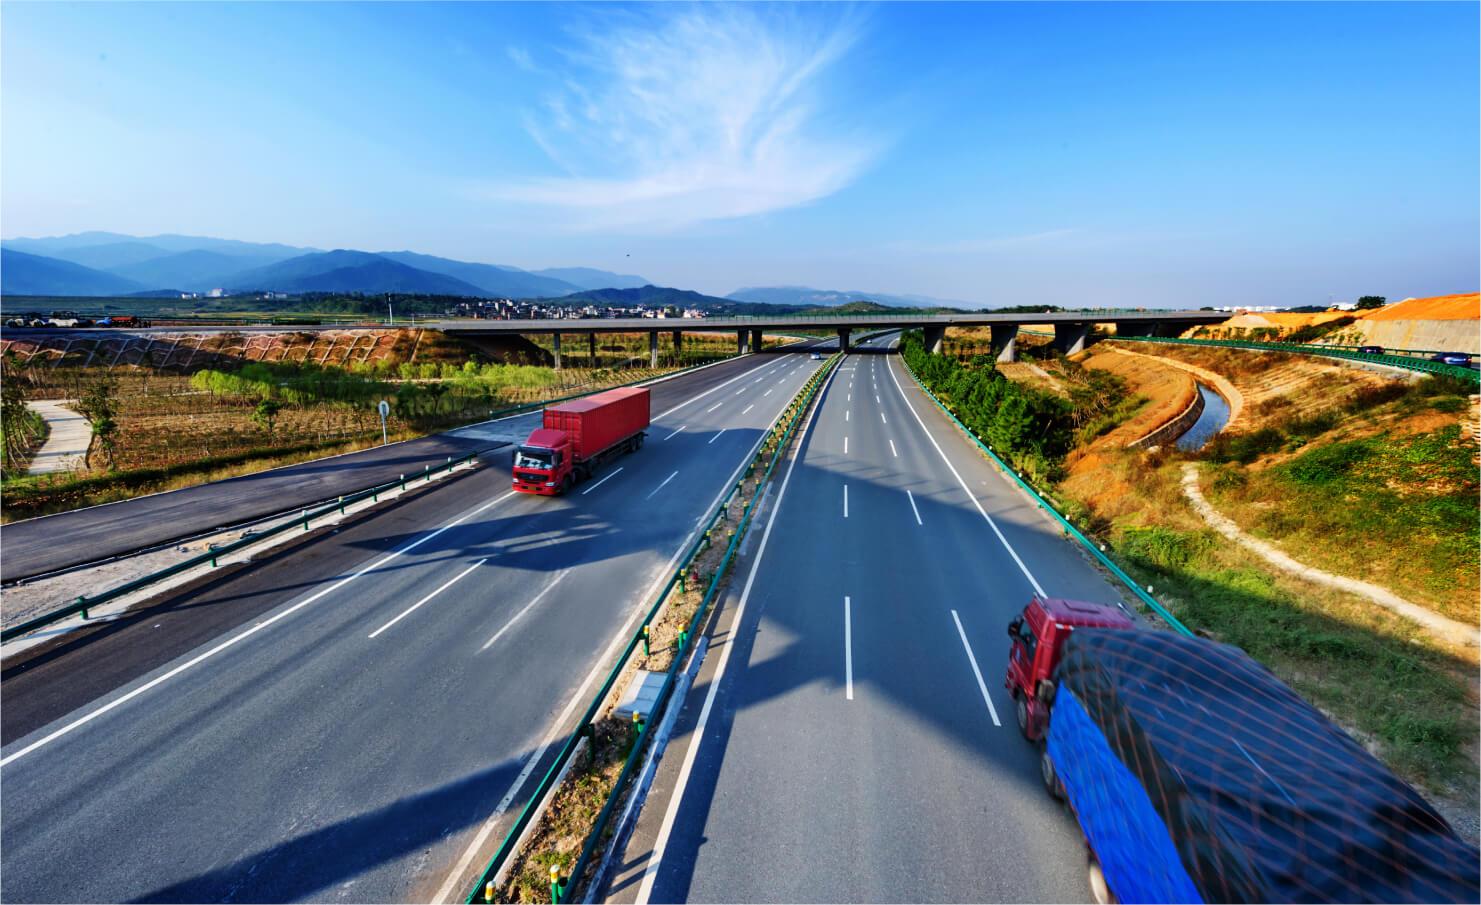 Podwyżka dodatkowej opłaty transportowej Viatoll